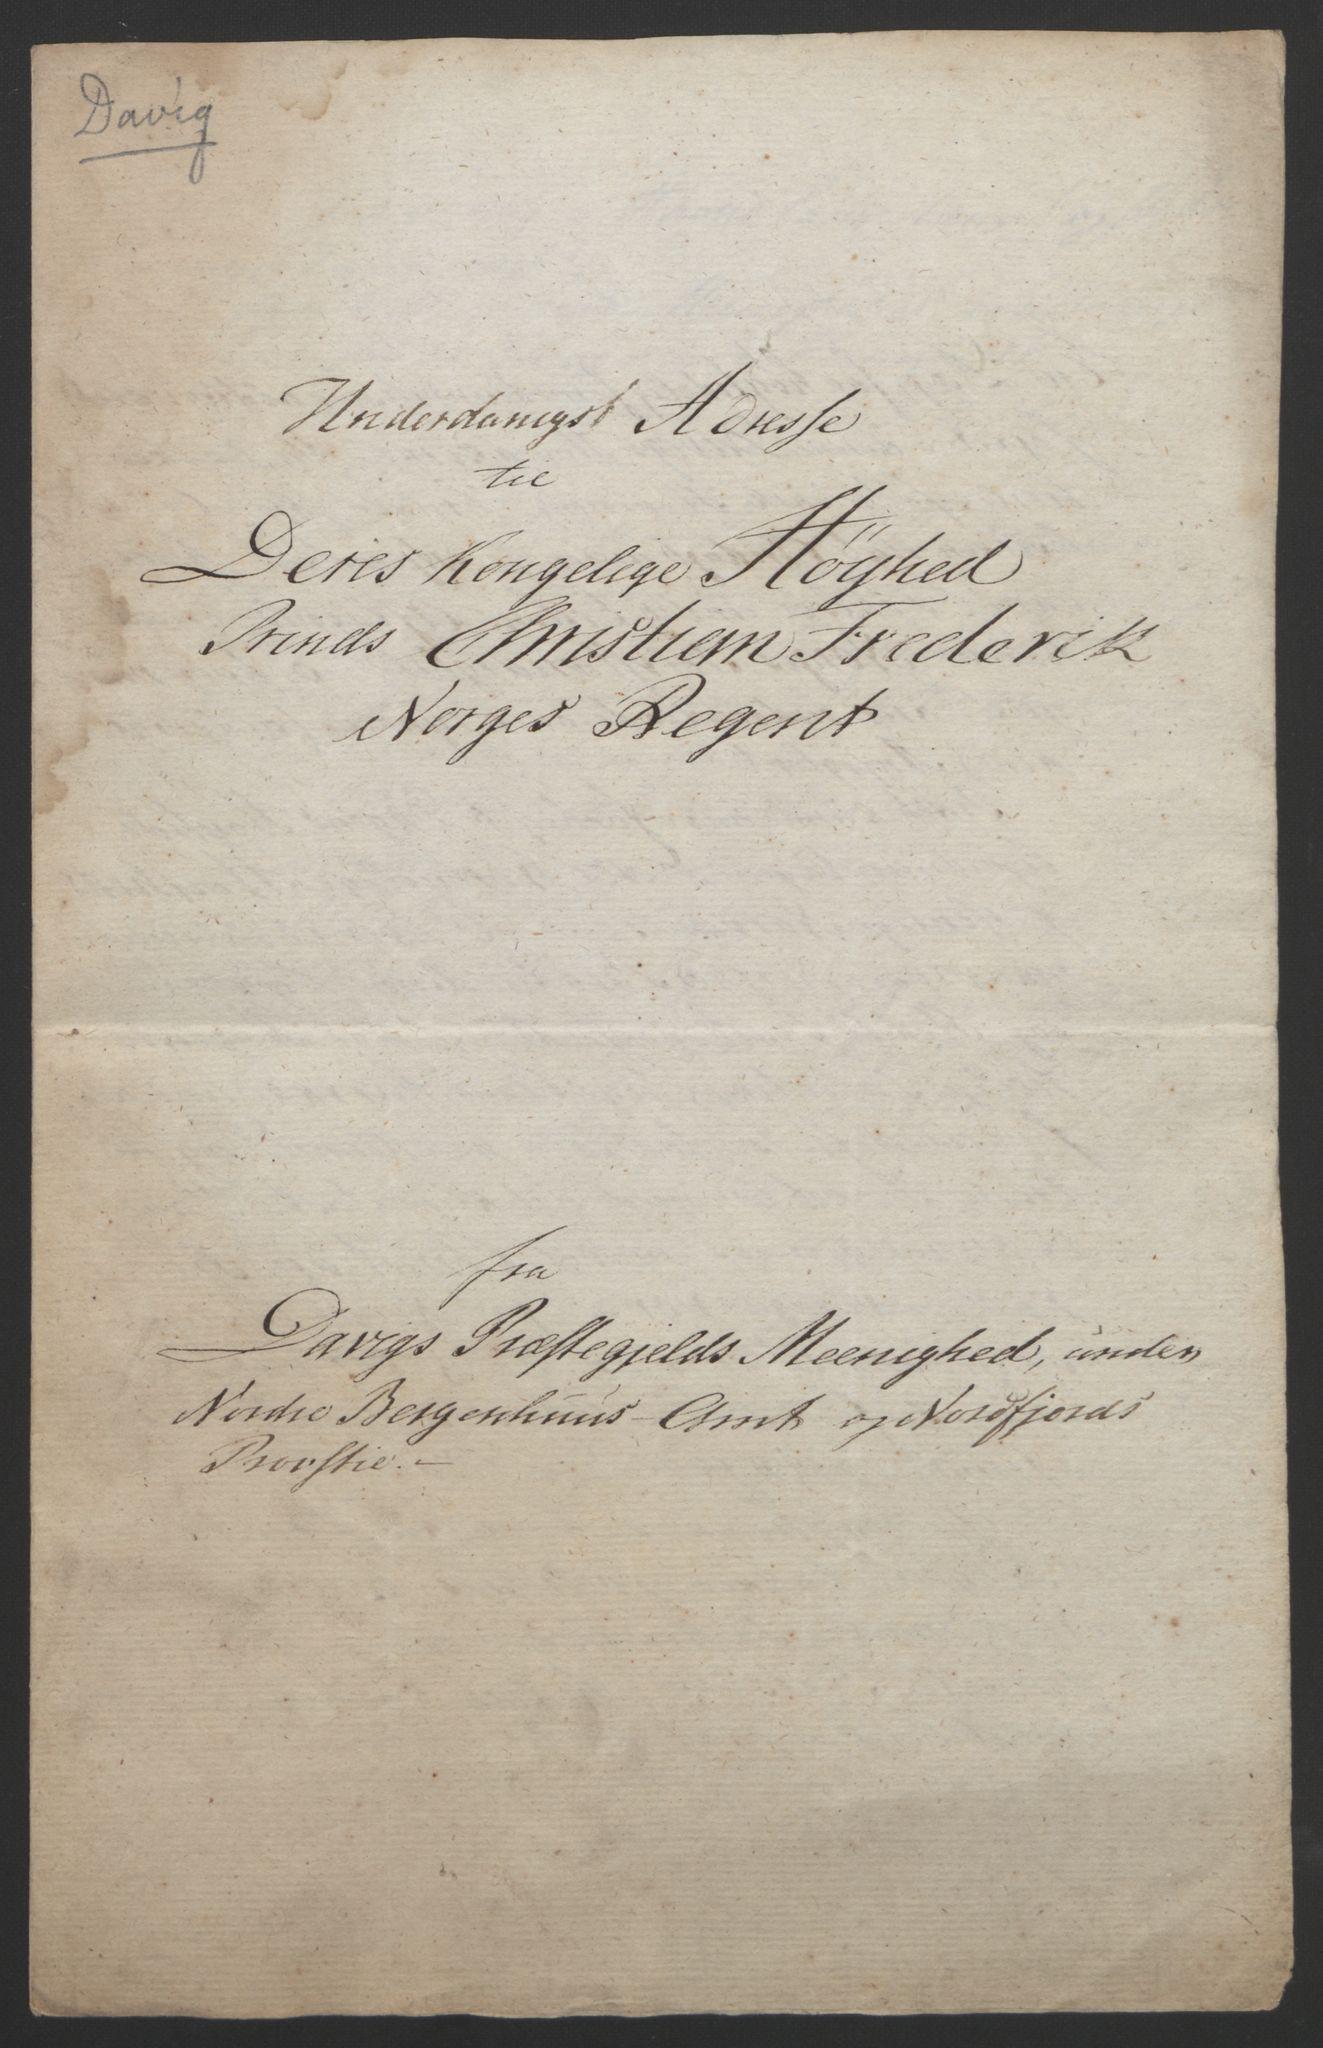 RA, Statsrådssekretariatet, D/Db/L0008: Fullmakter for Eidsvollsrepresentantene i 1814. , 1814, s. 312